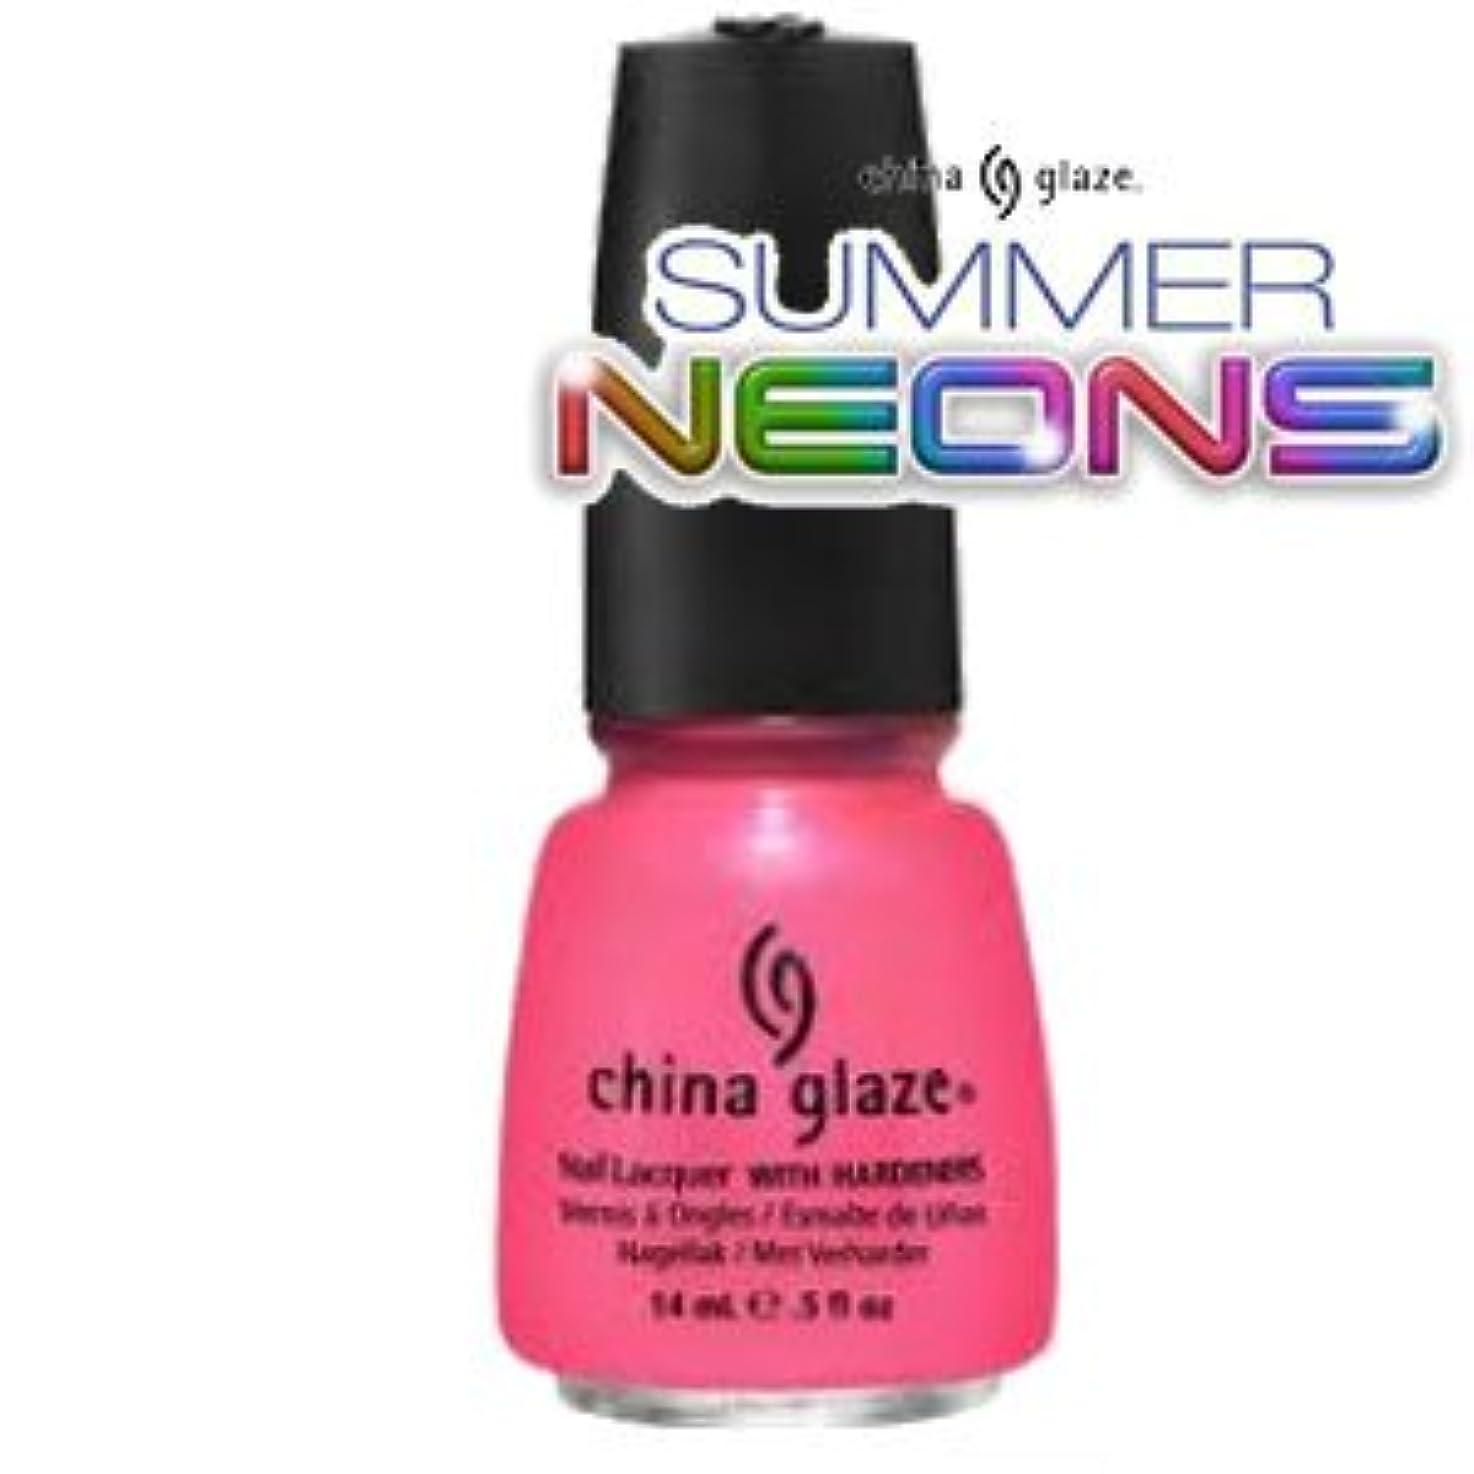 急ぐ音節必要とする(チャイナグレイズ)China Glaze Pink Plumeriaーサマーネオン コレクション [海外直送品][並行輸入品]